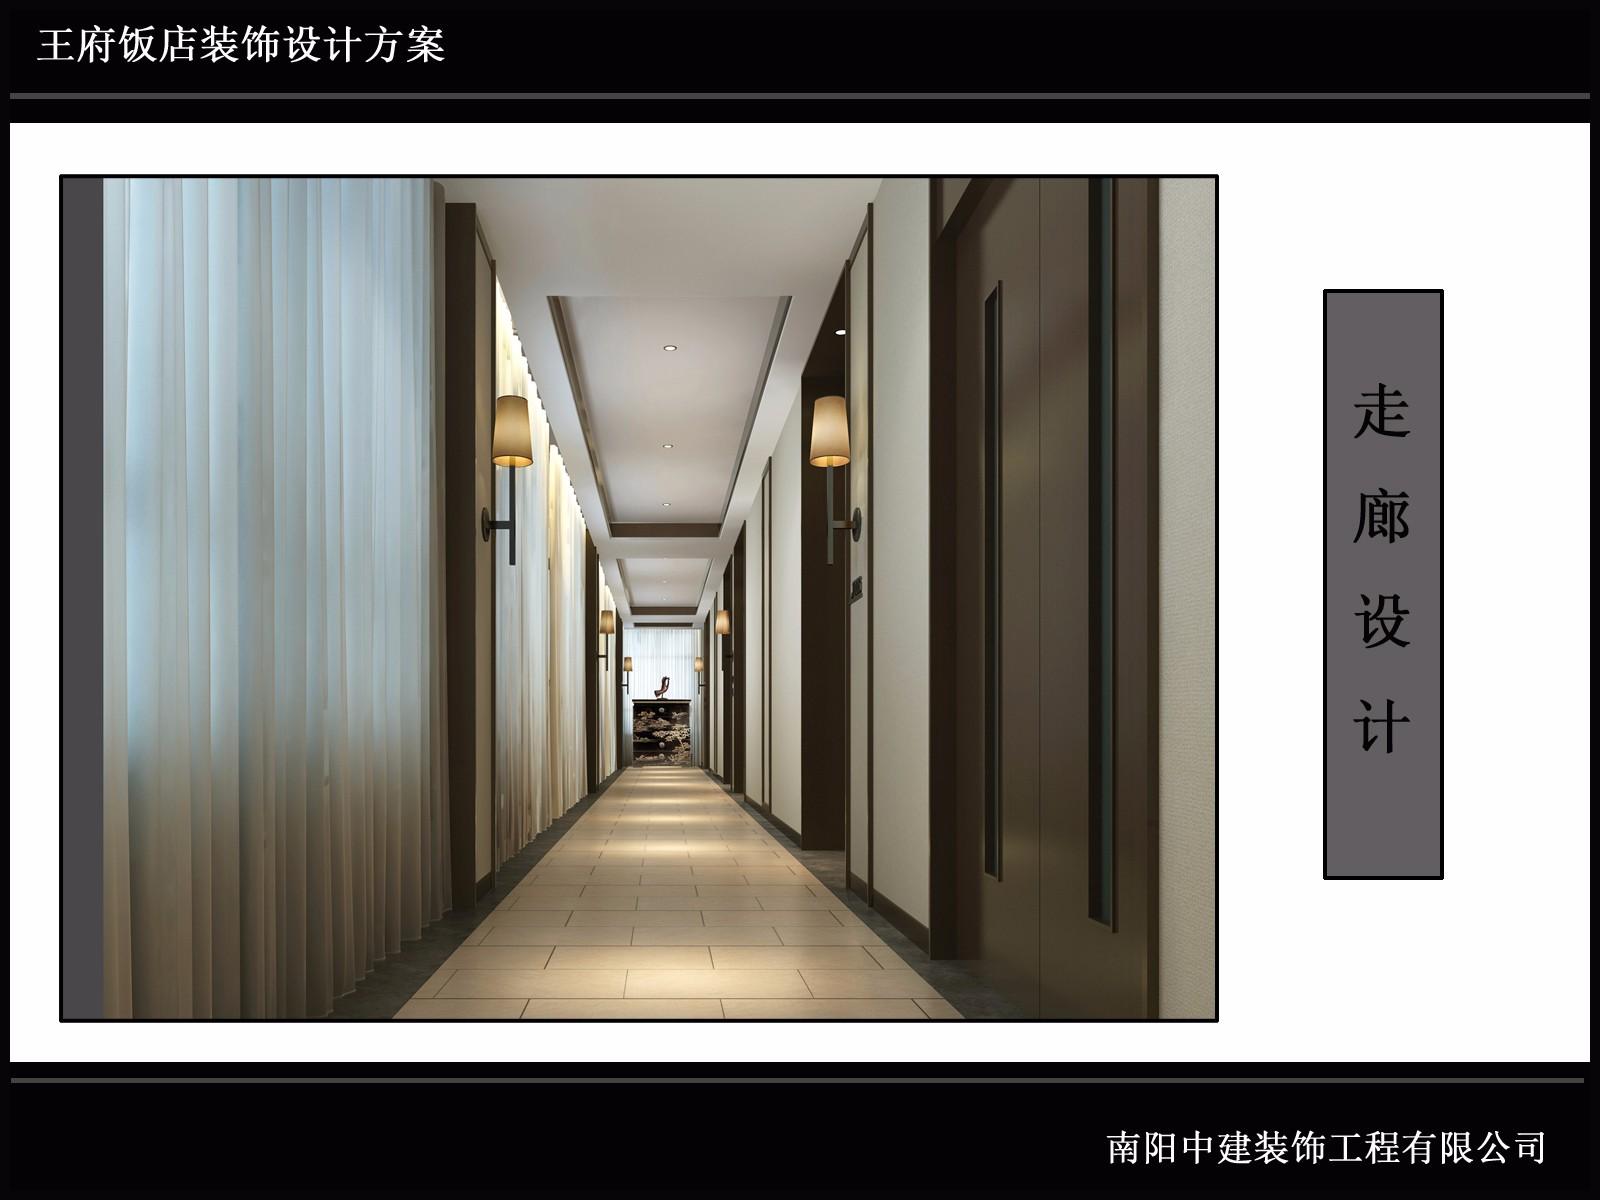 王府饭店|公装案例-南阳中建装饰